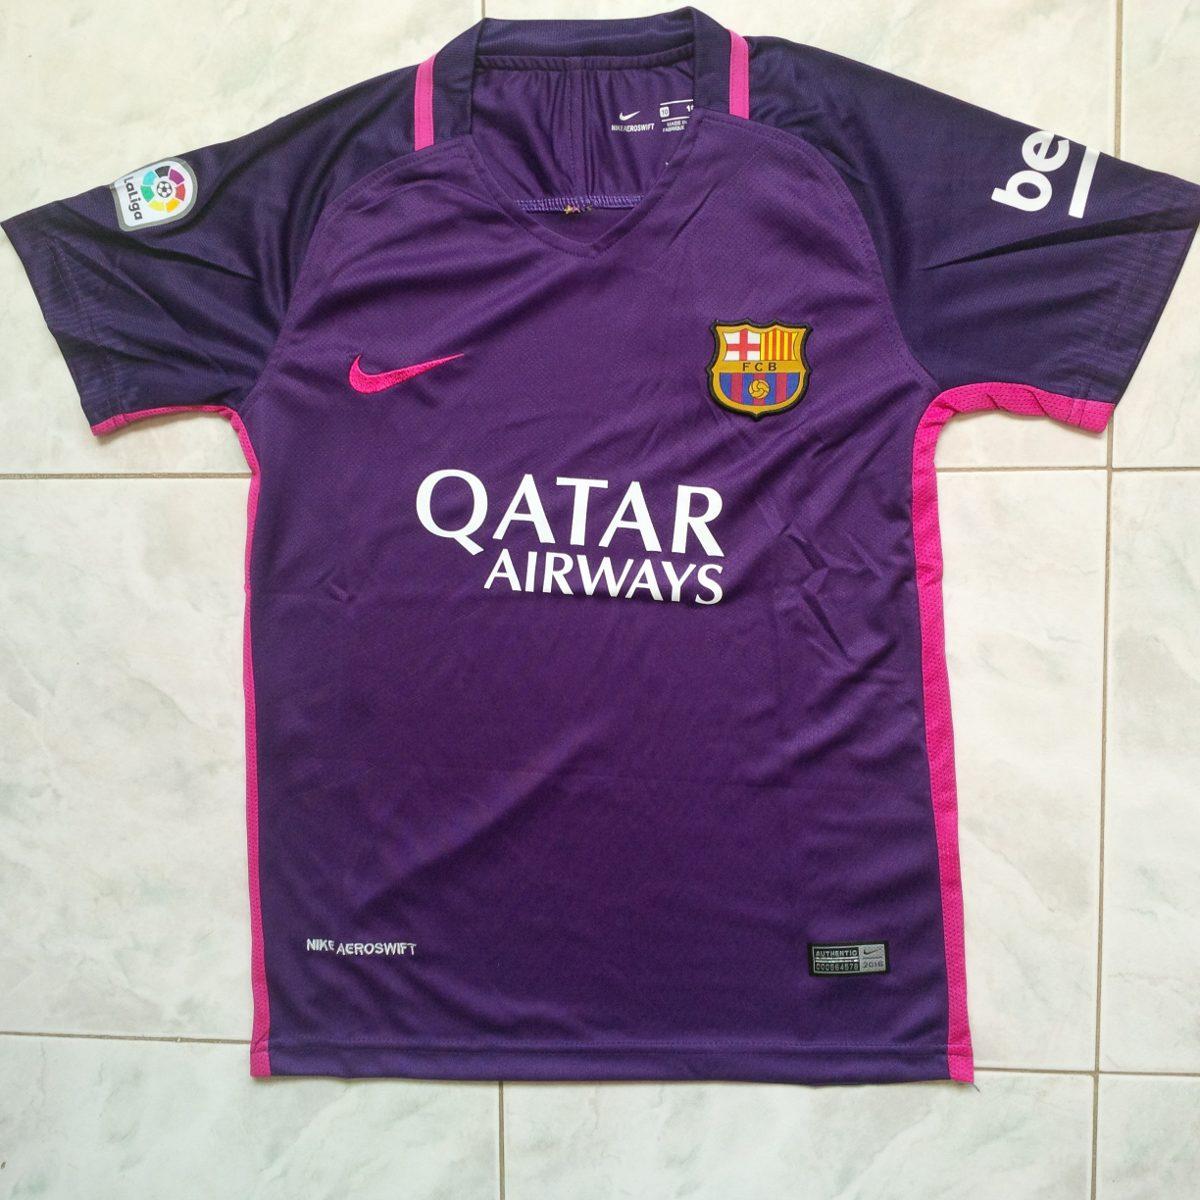 camisa franela barcelona fc 2017 purpura morada solo niños. Cargando zoom. a7a2ea87363